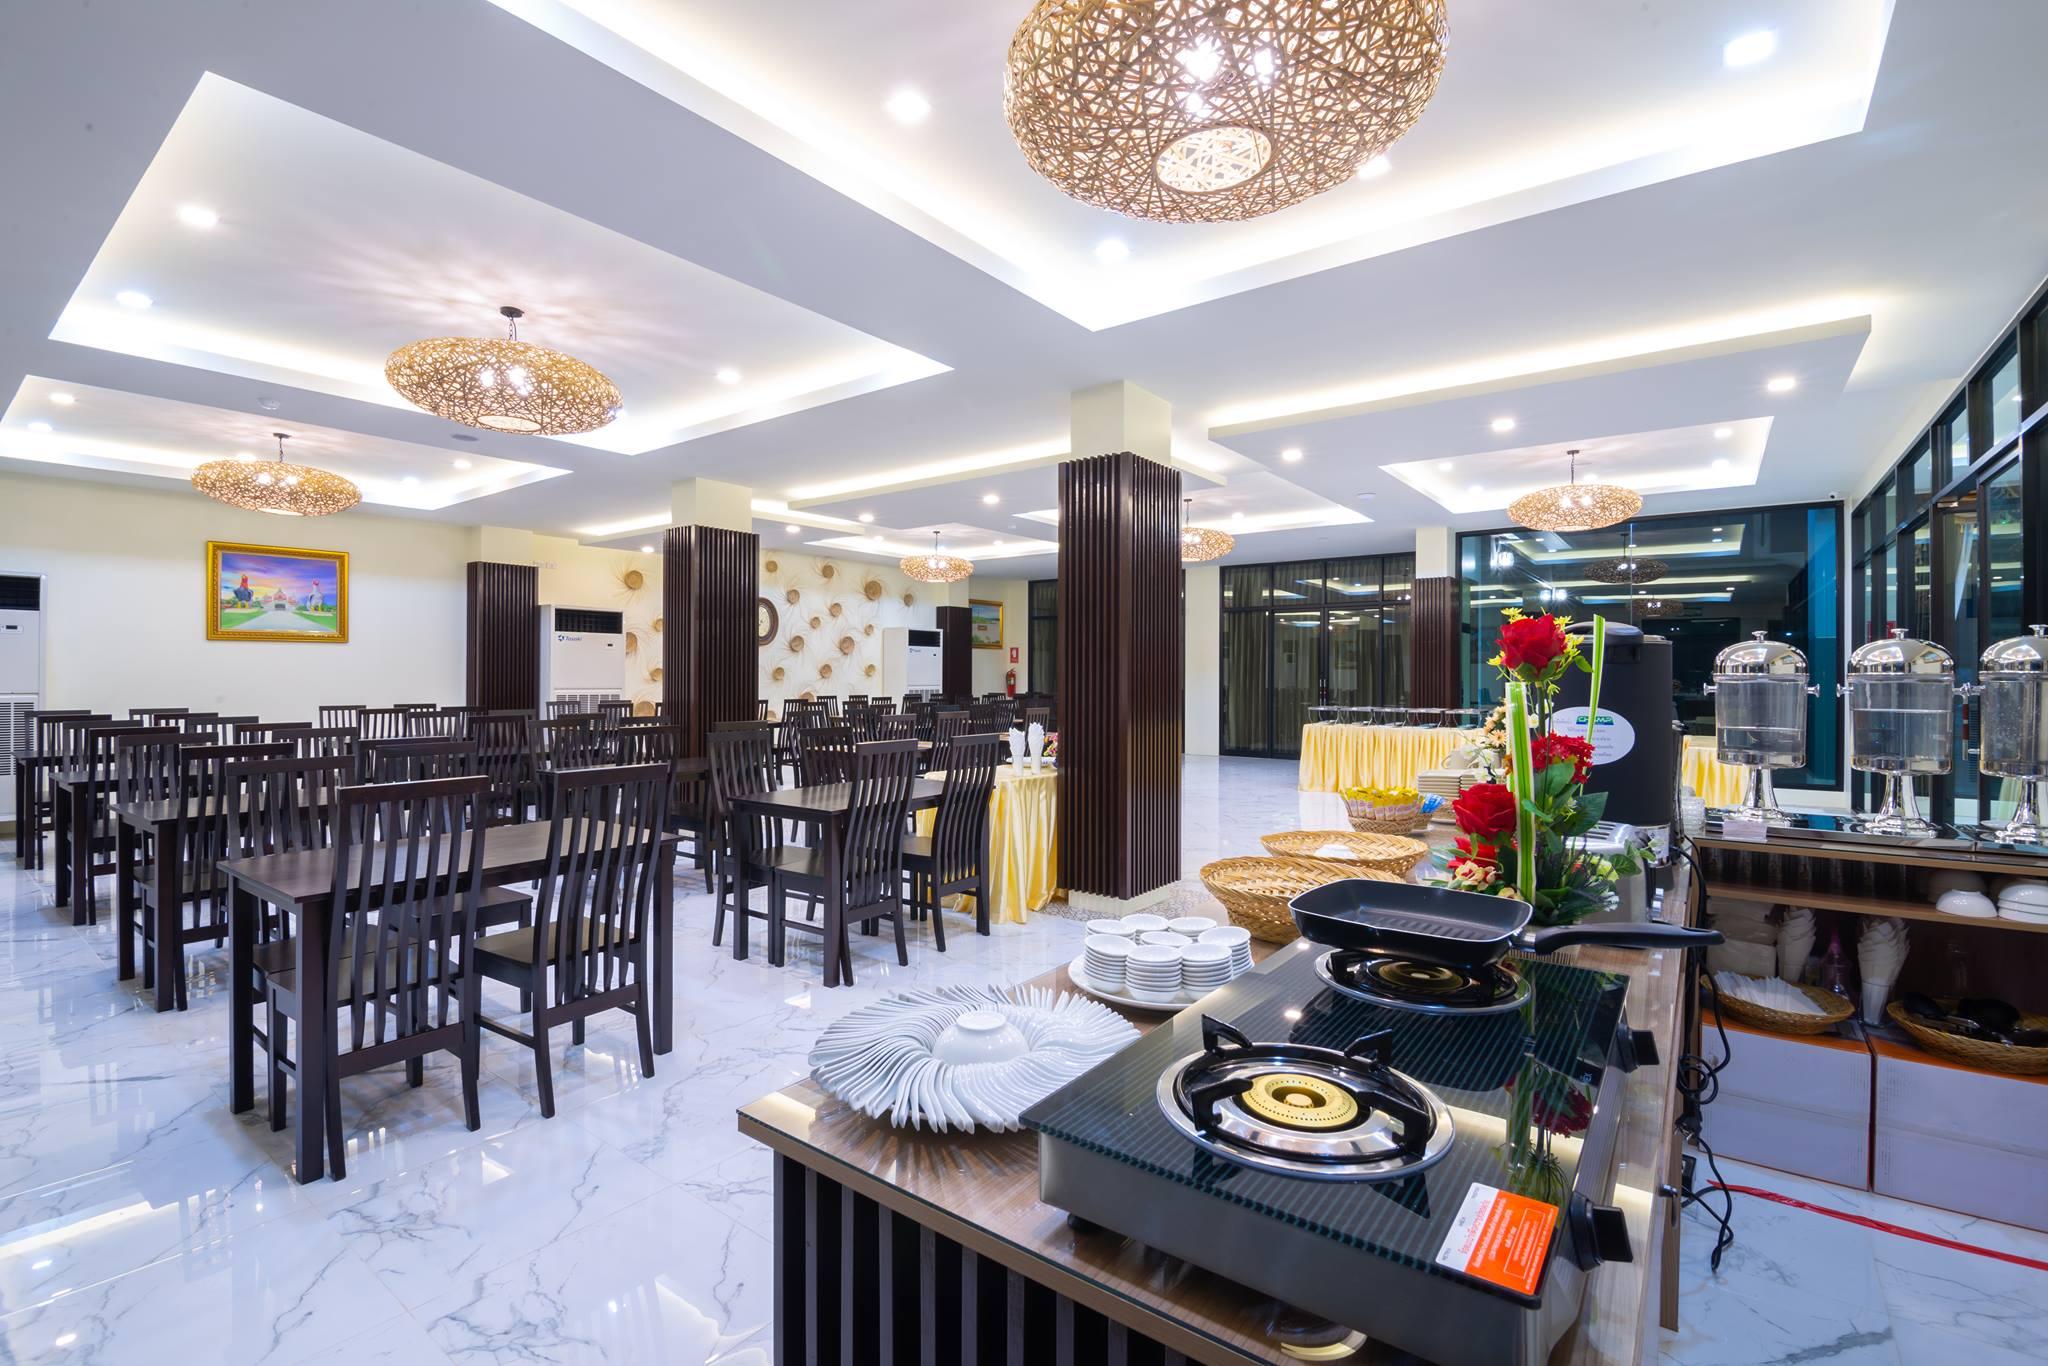 โรงแรมปุระนคร ที่พักใหม่ ใจกลางเมืองนครศรีธรรมราช ที่พักสบายๆพร้อมอาหารเช้า นครศรีดีย์